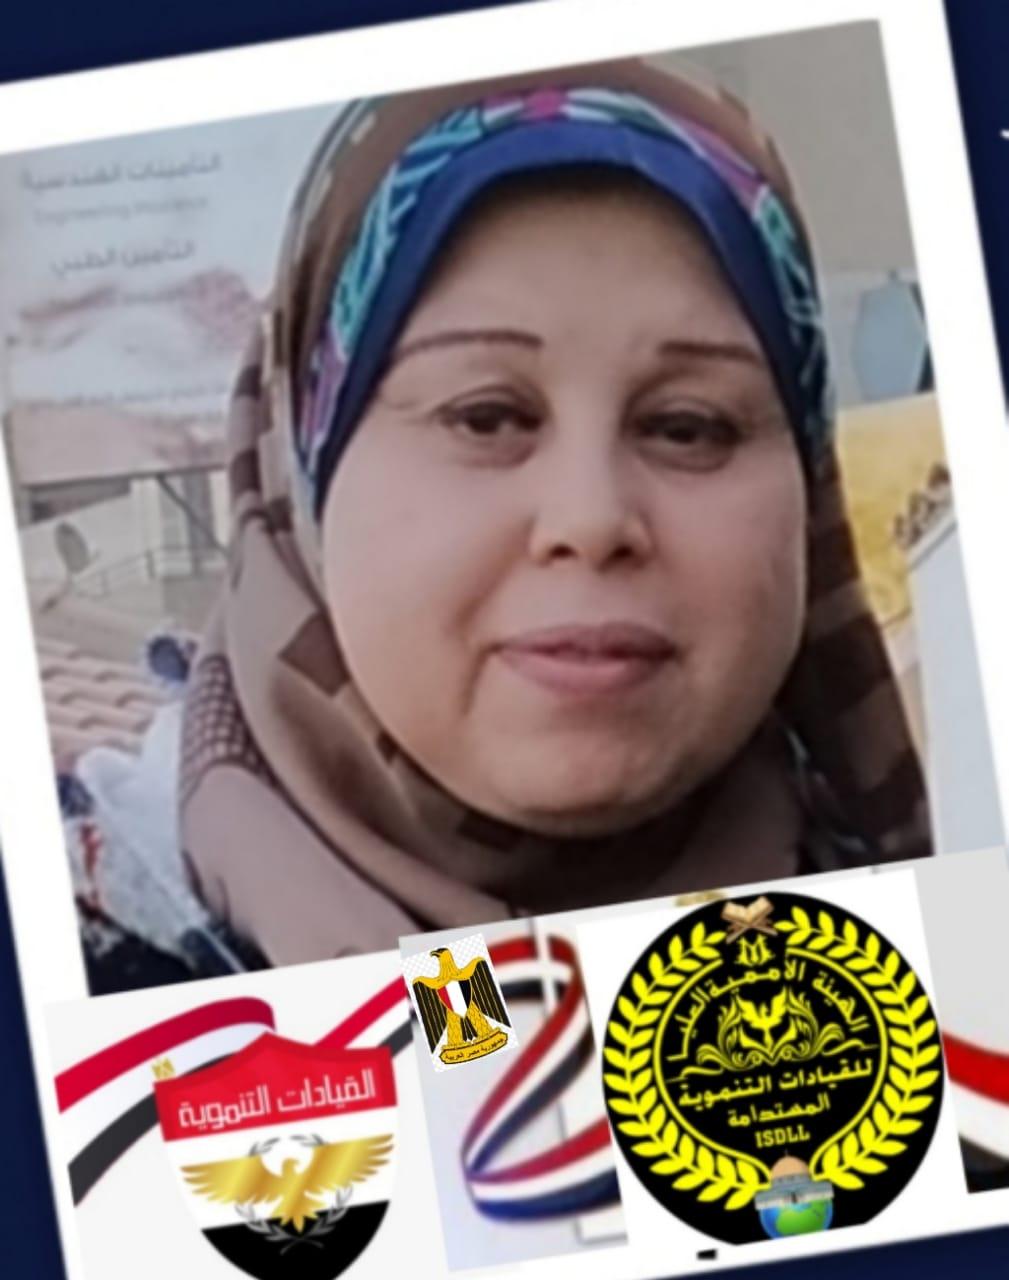 الدكتورة حنان عبدالآخر تكتب:- عن غياب الوعى التنموى على مستوى الشخصى والمجتمعى